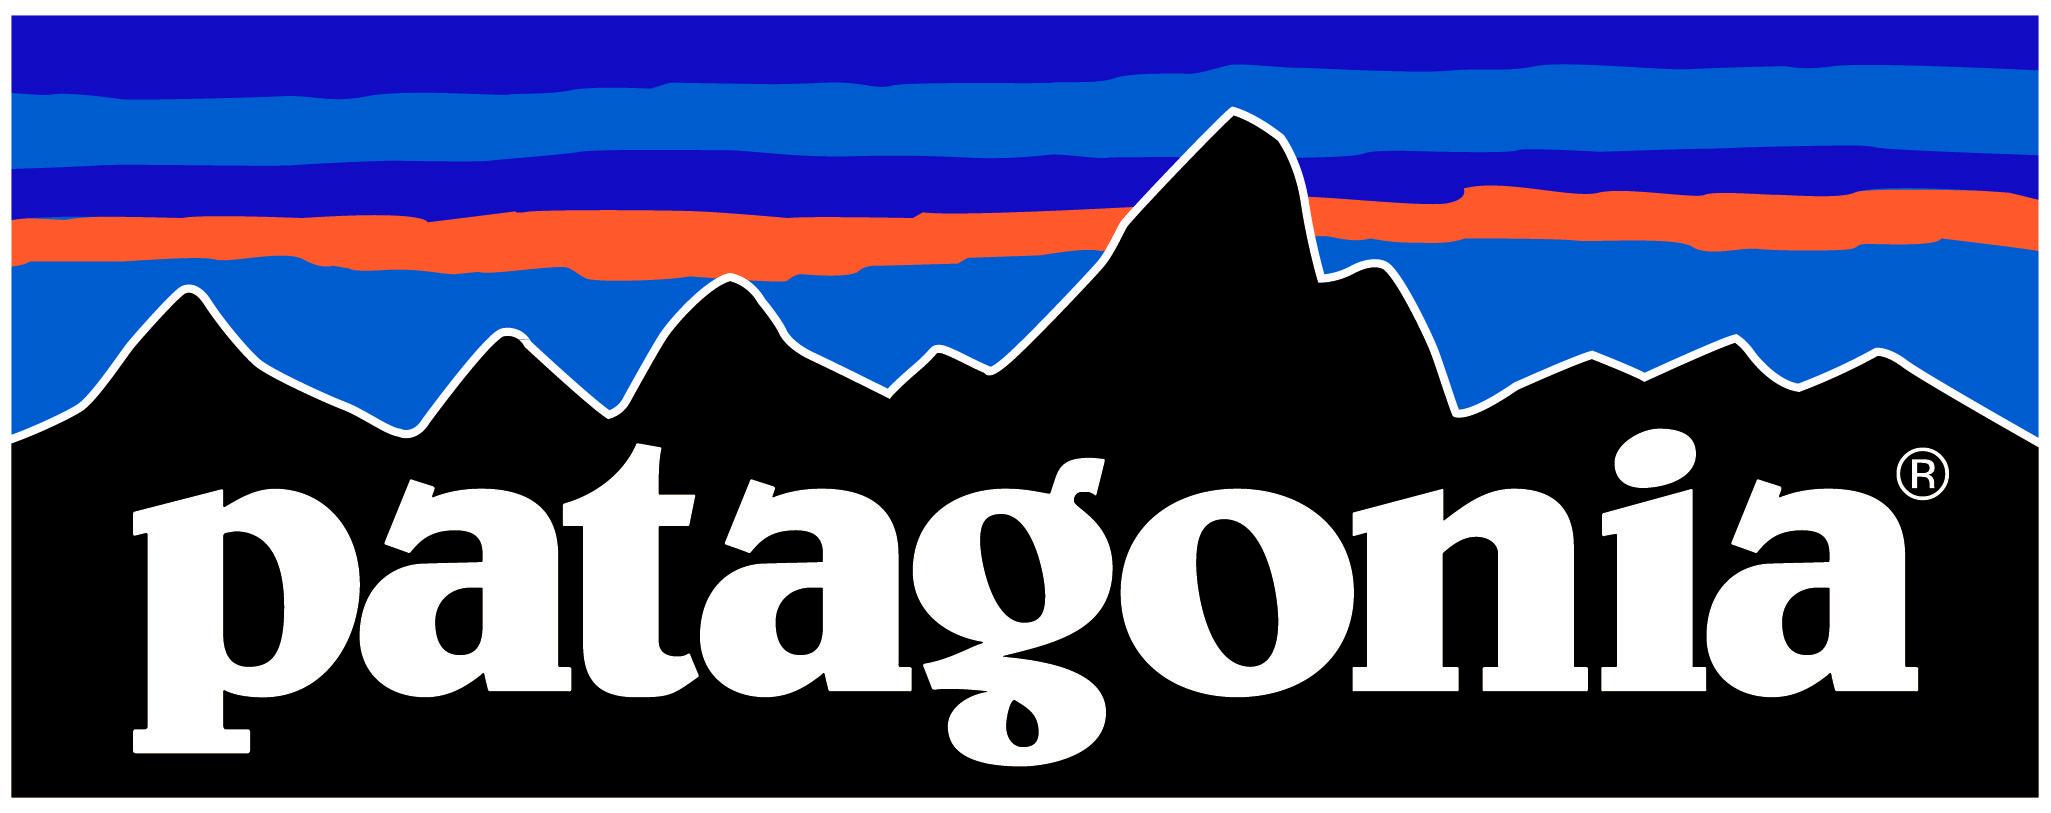 patagonia logo Google Search Patagonia sticker